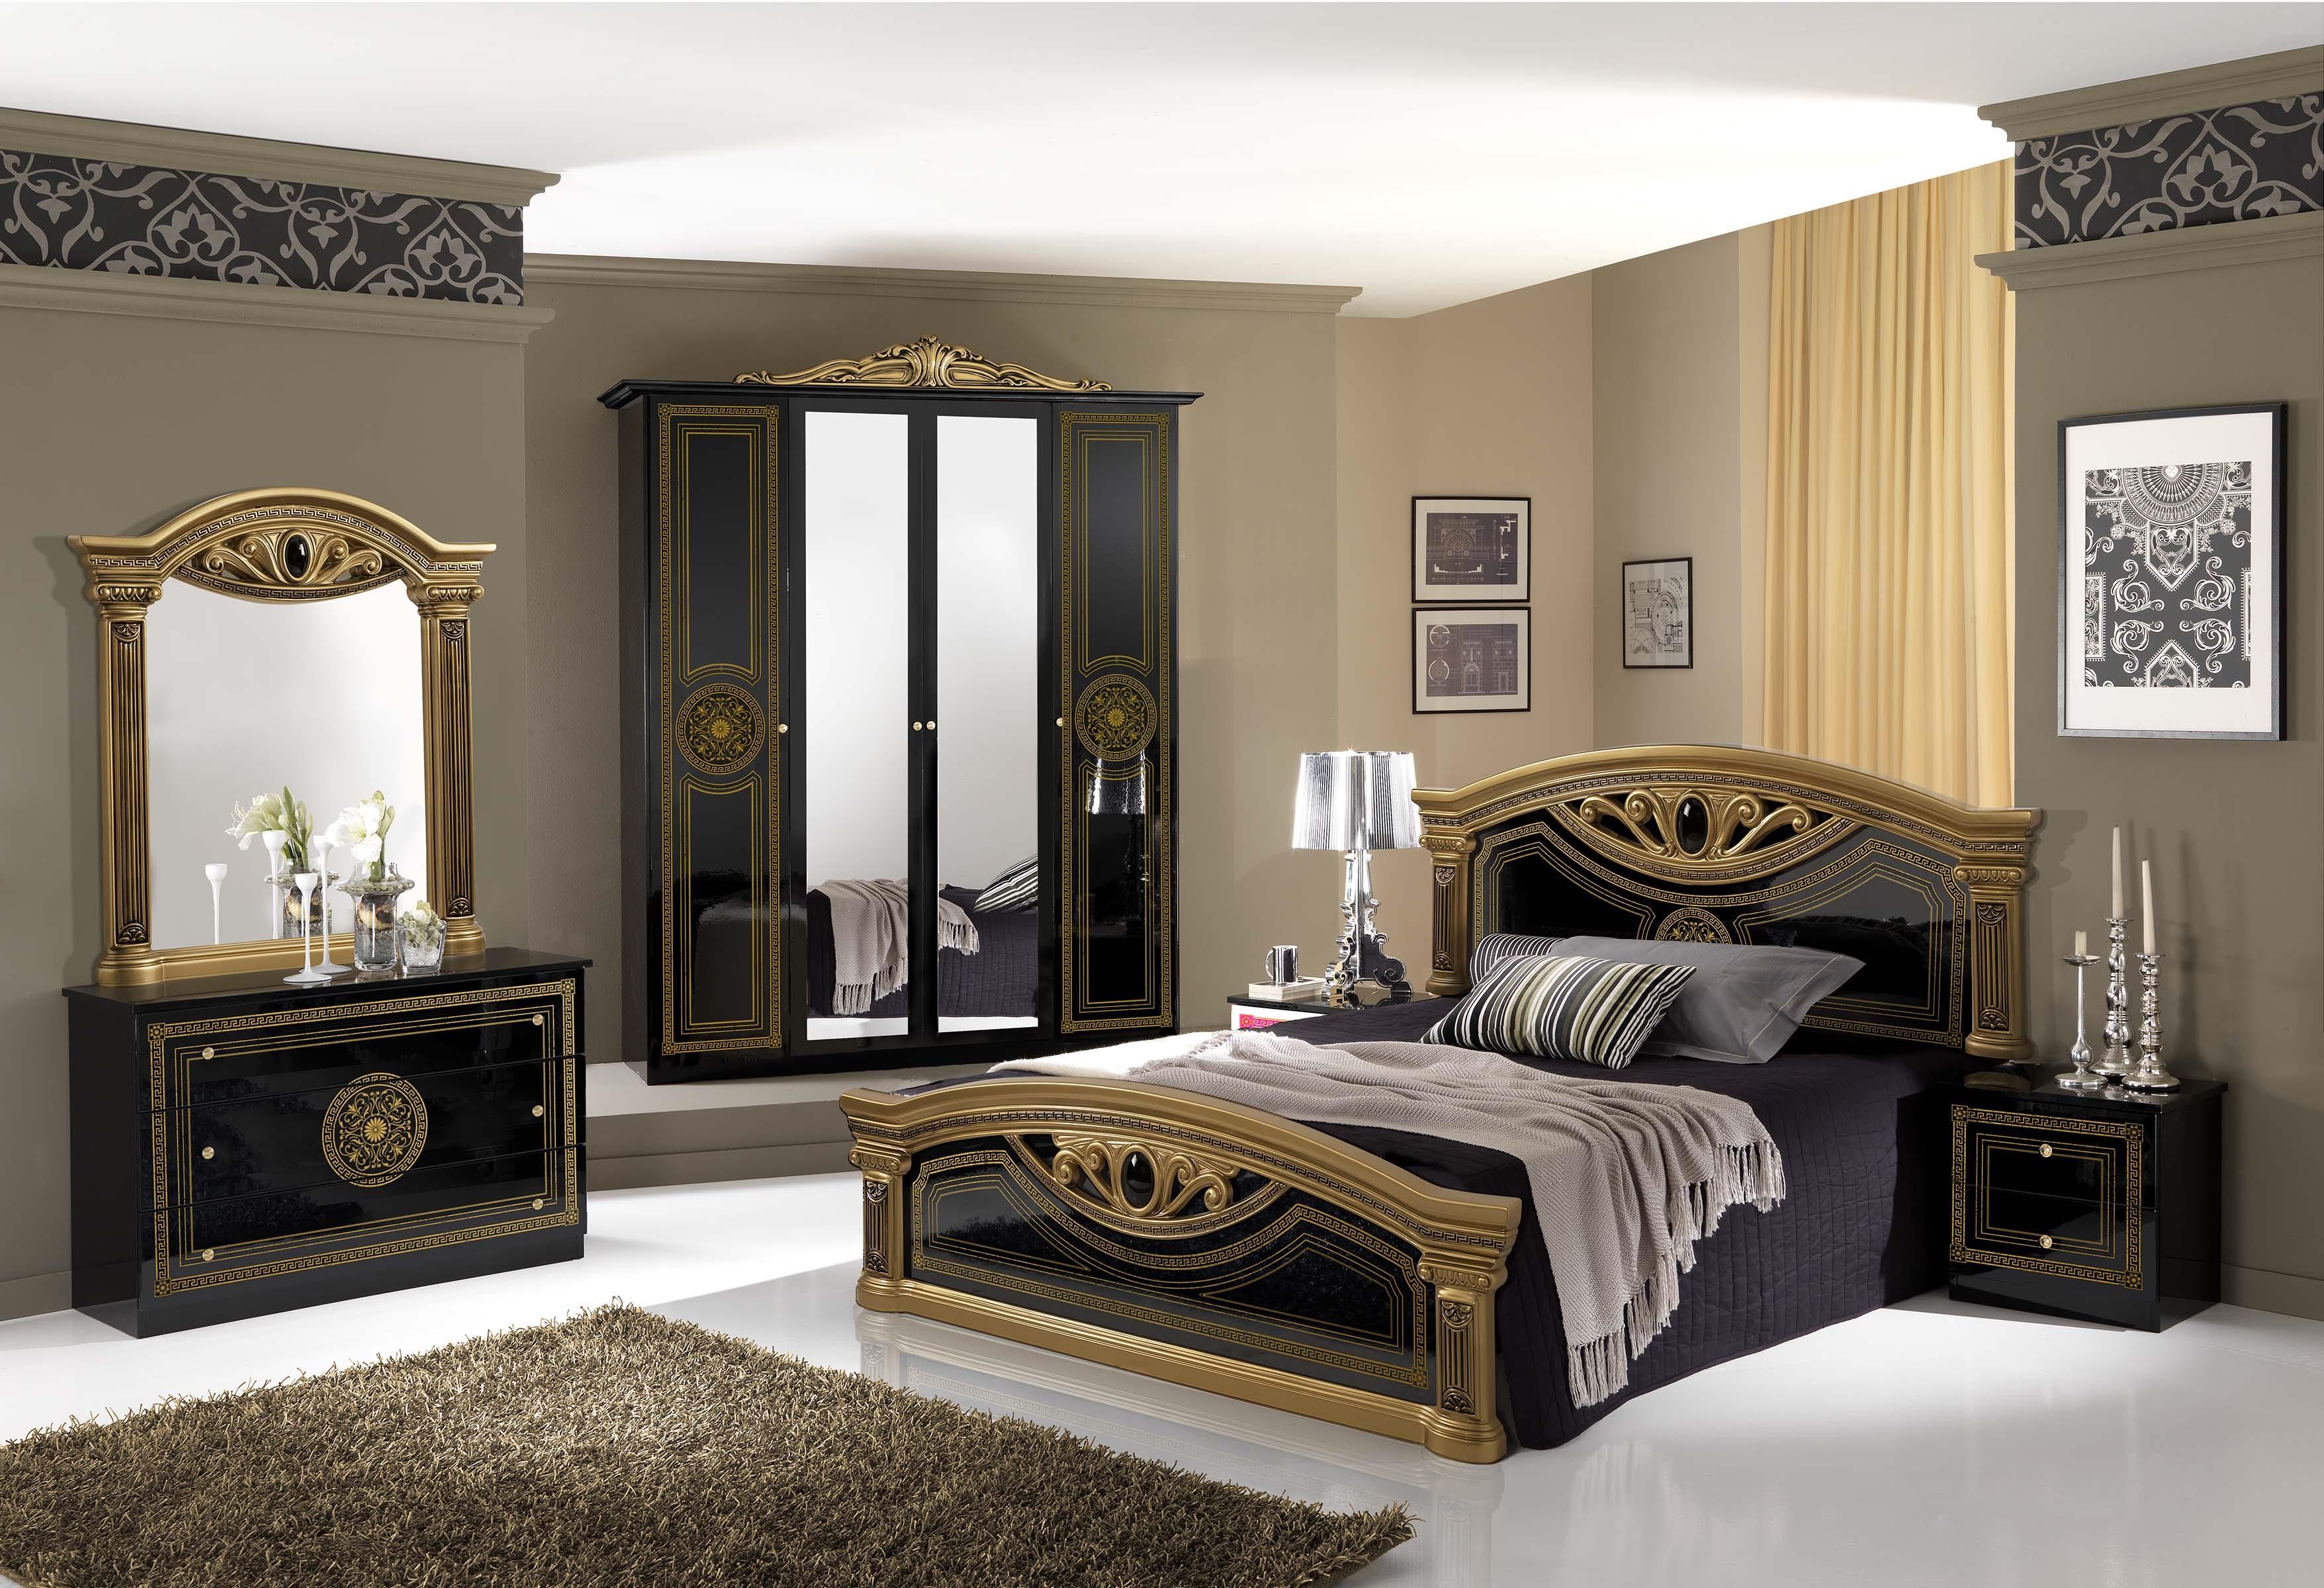 schlafzimmer giulia in schwarz gold klassik barock xp pfglcca4agold. Black Bedroom Furniture Sets. Home Design Ideas